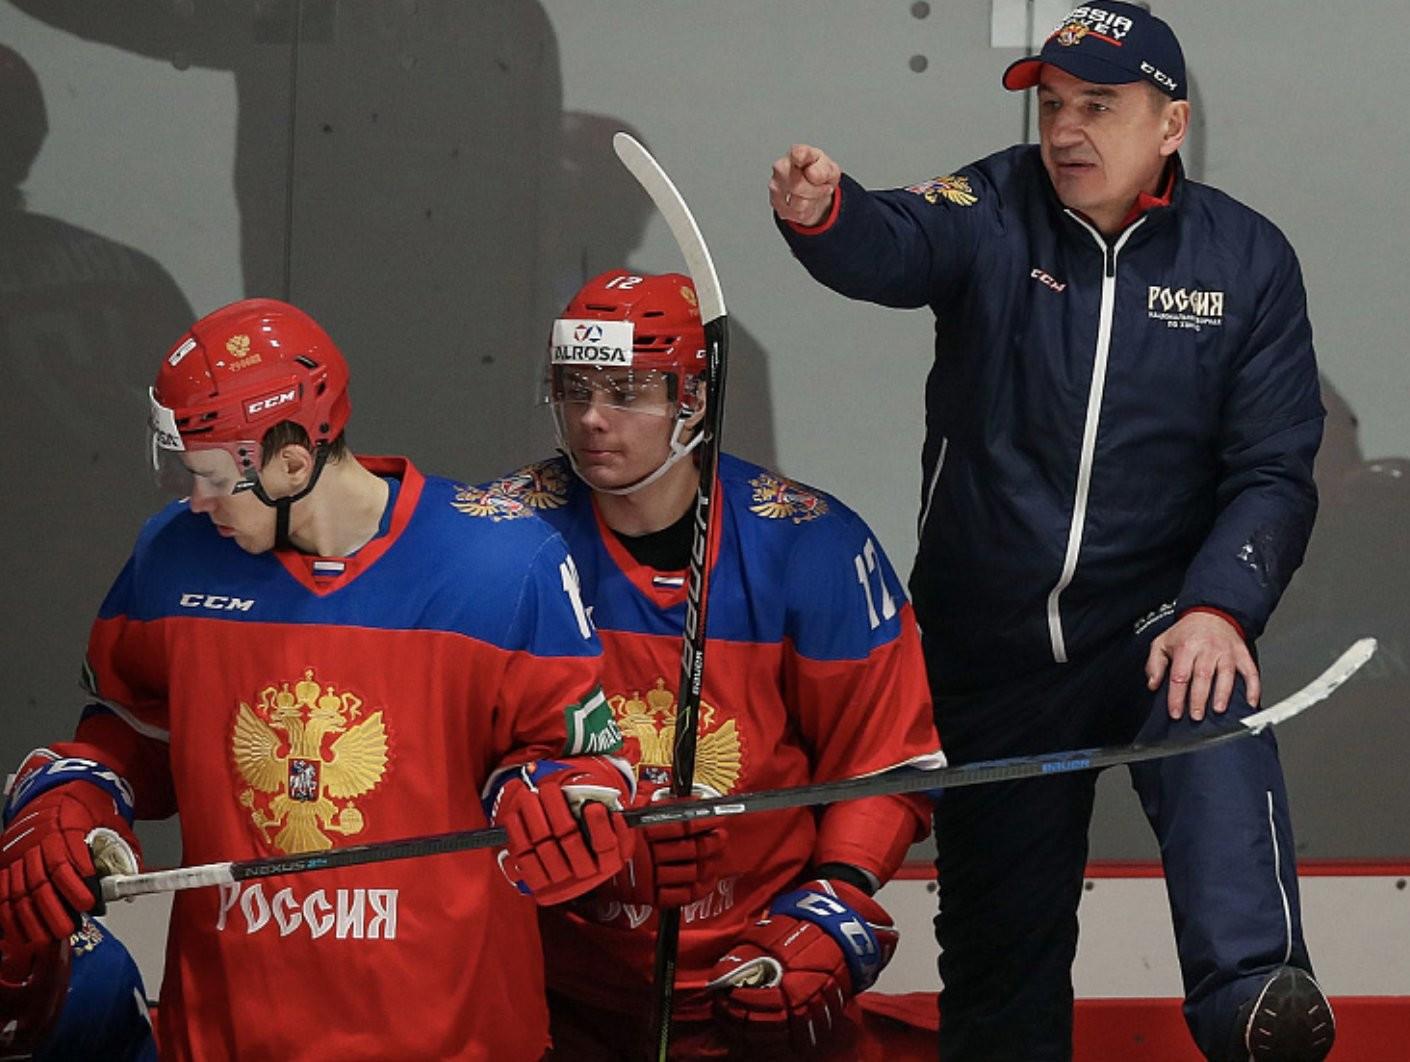 Фото © Пресс-служба сборной России